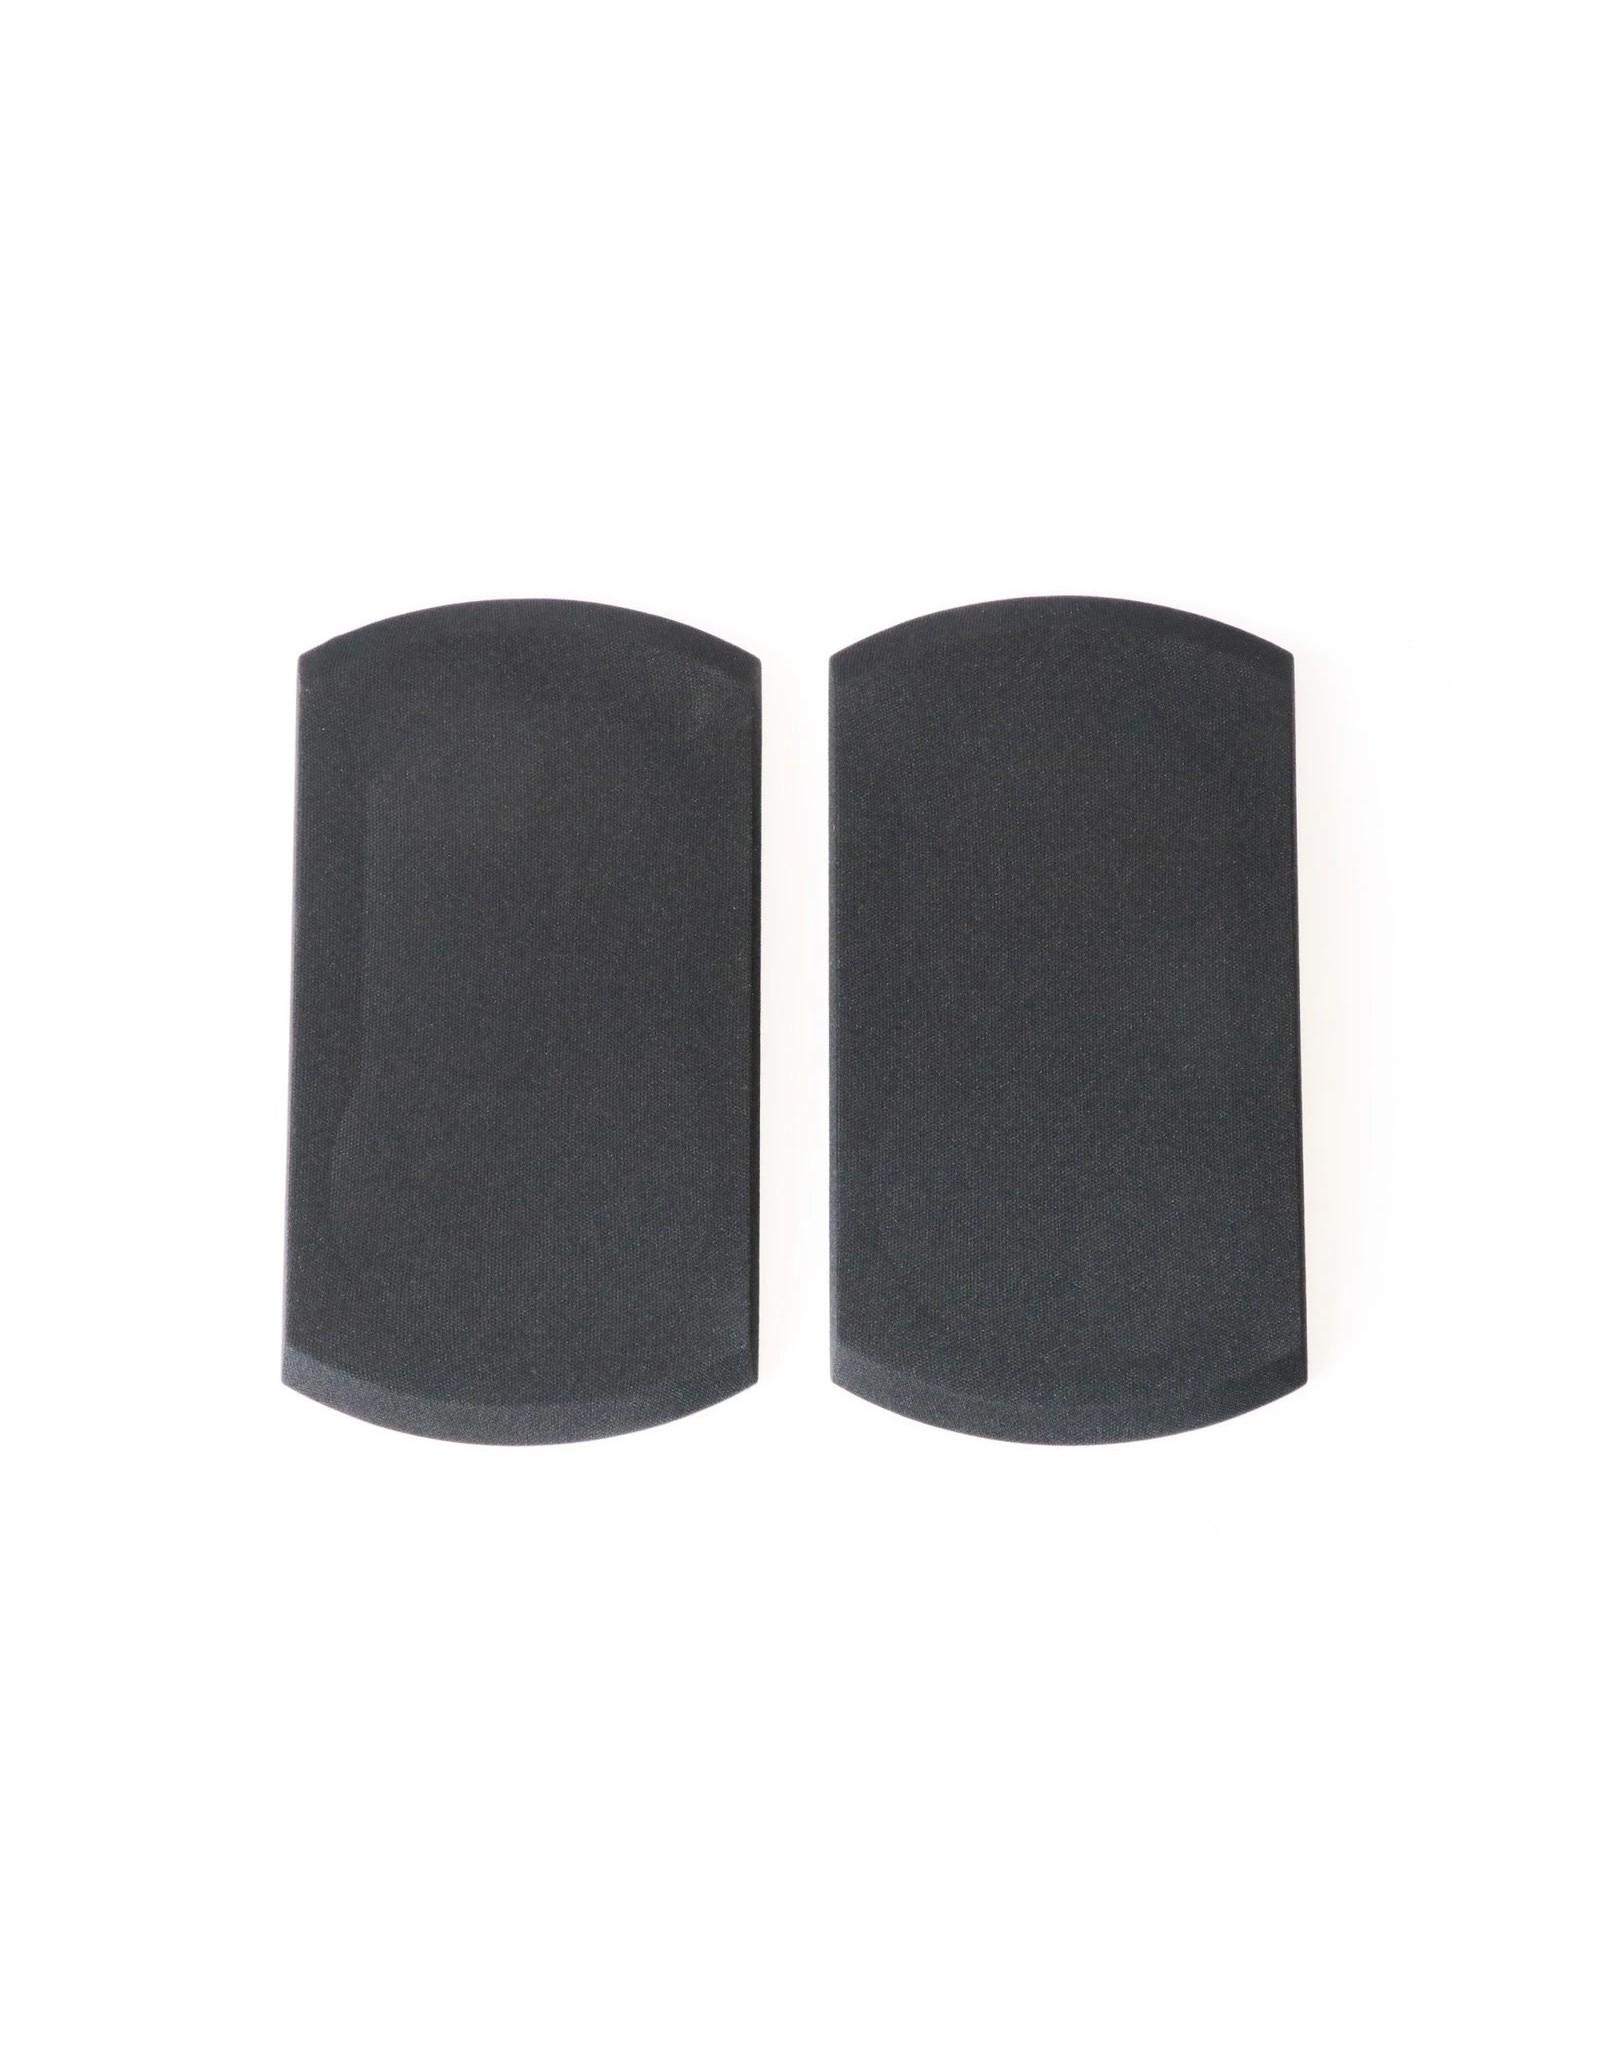 Spendor Spendor A7 Series Speaker Grills (Pair)